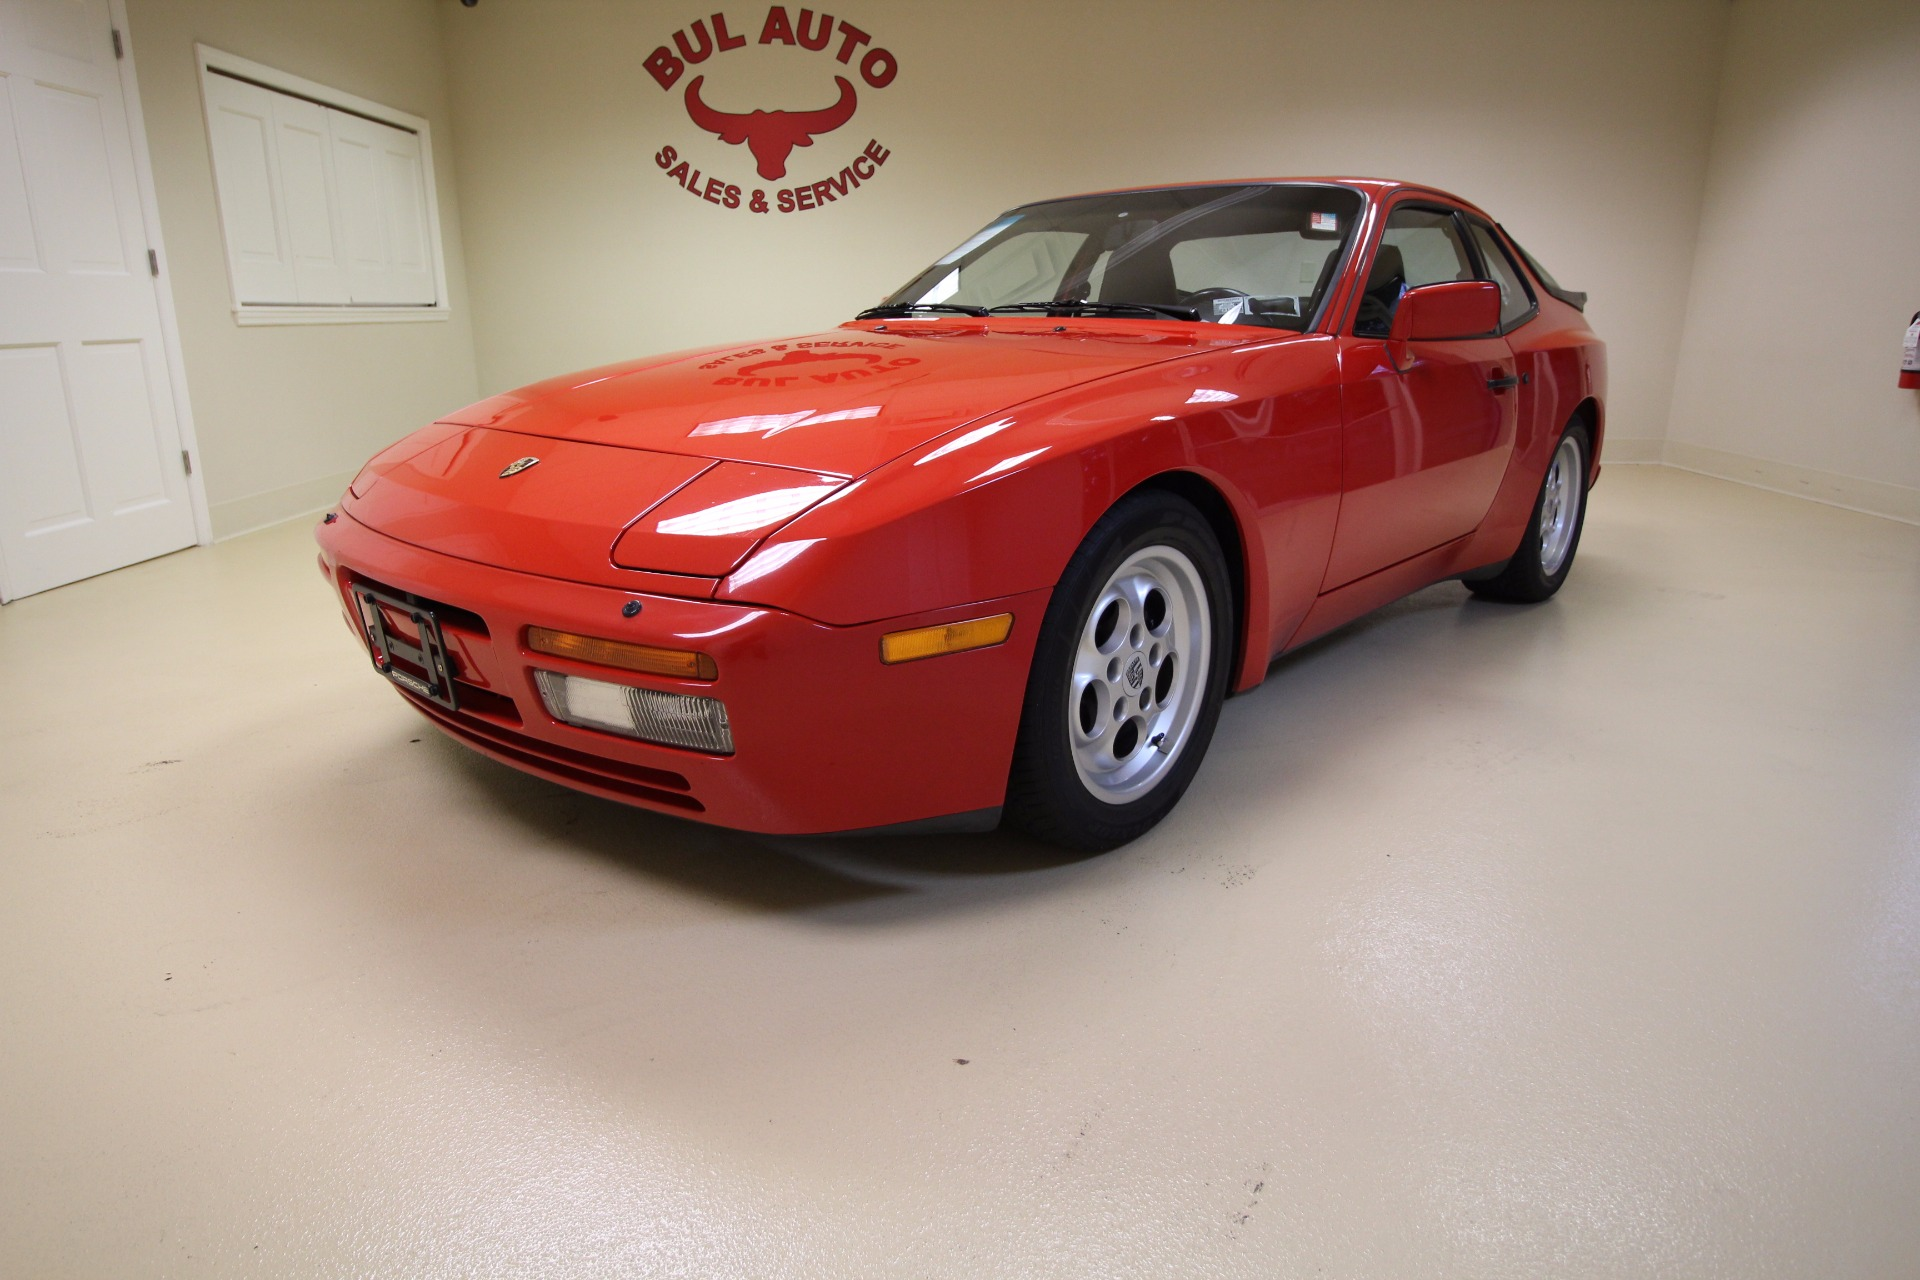 1986 Porsche 944 Turbo Stock 17195 For Sale Near Albany Ny Ny Porsche Dealer For Sale In Albany Ny 17195 Bul Auto Sales